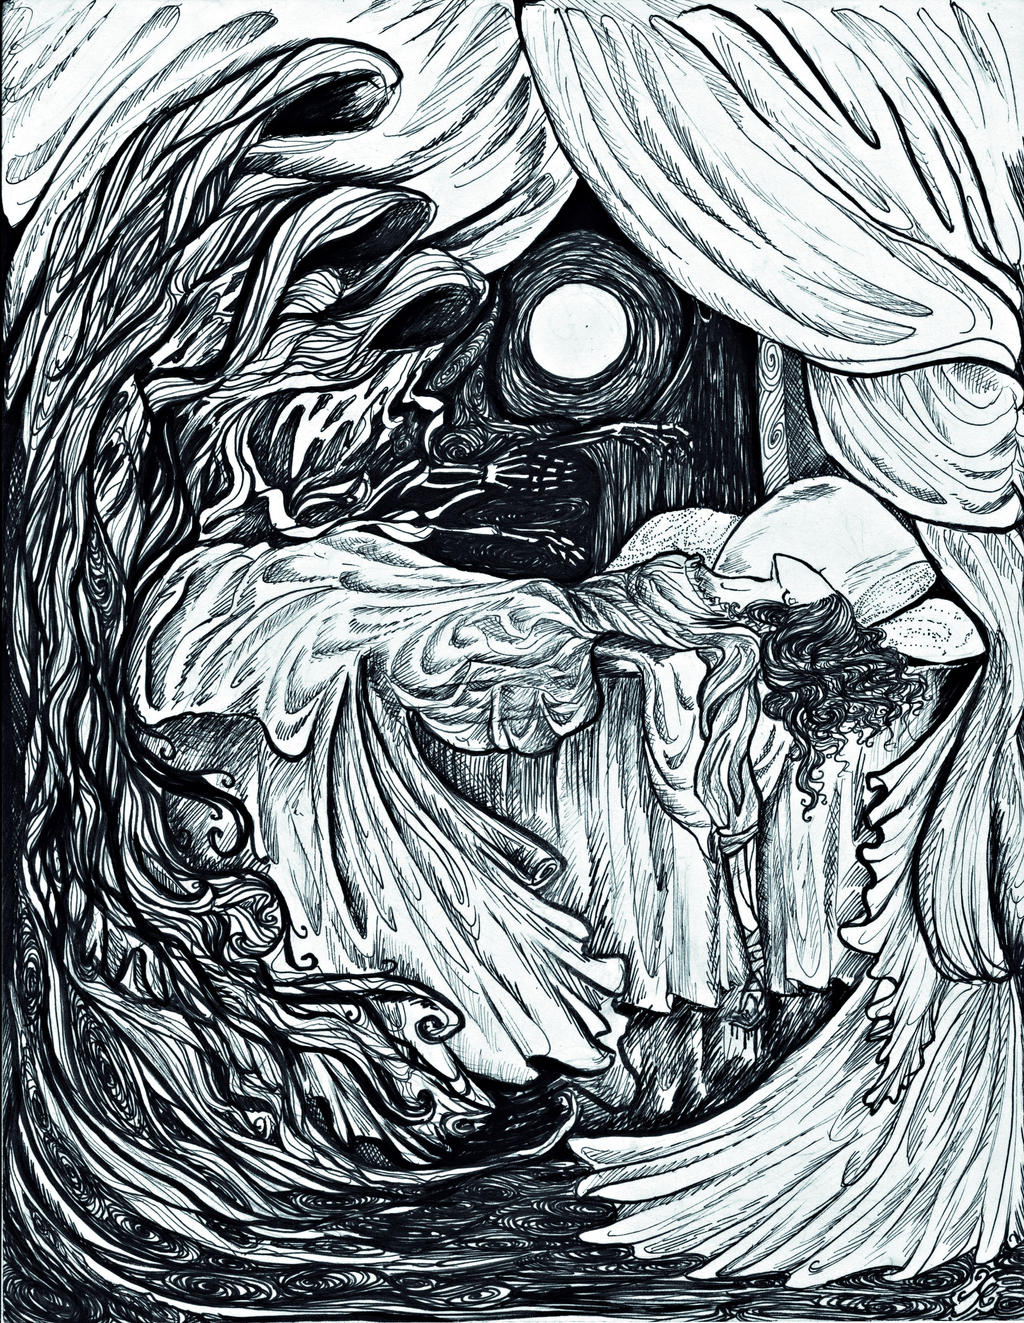 Nightmares by La-Chapeliere-Folle